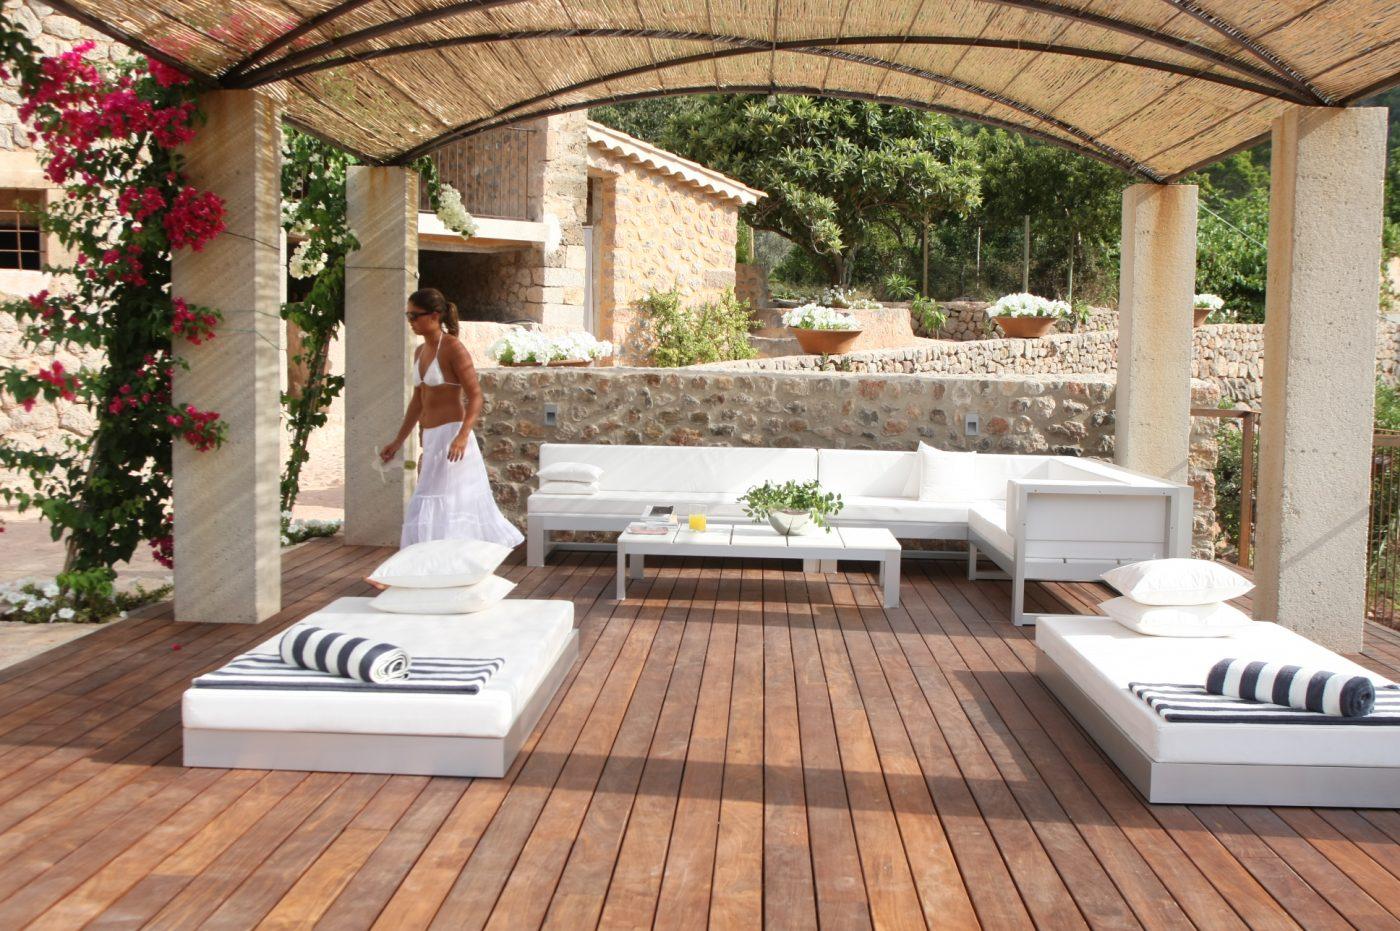 Lemon orchard estate a glorious luxury villa in mallorca - Decoracion terrazas exteriores ...